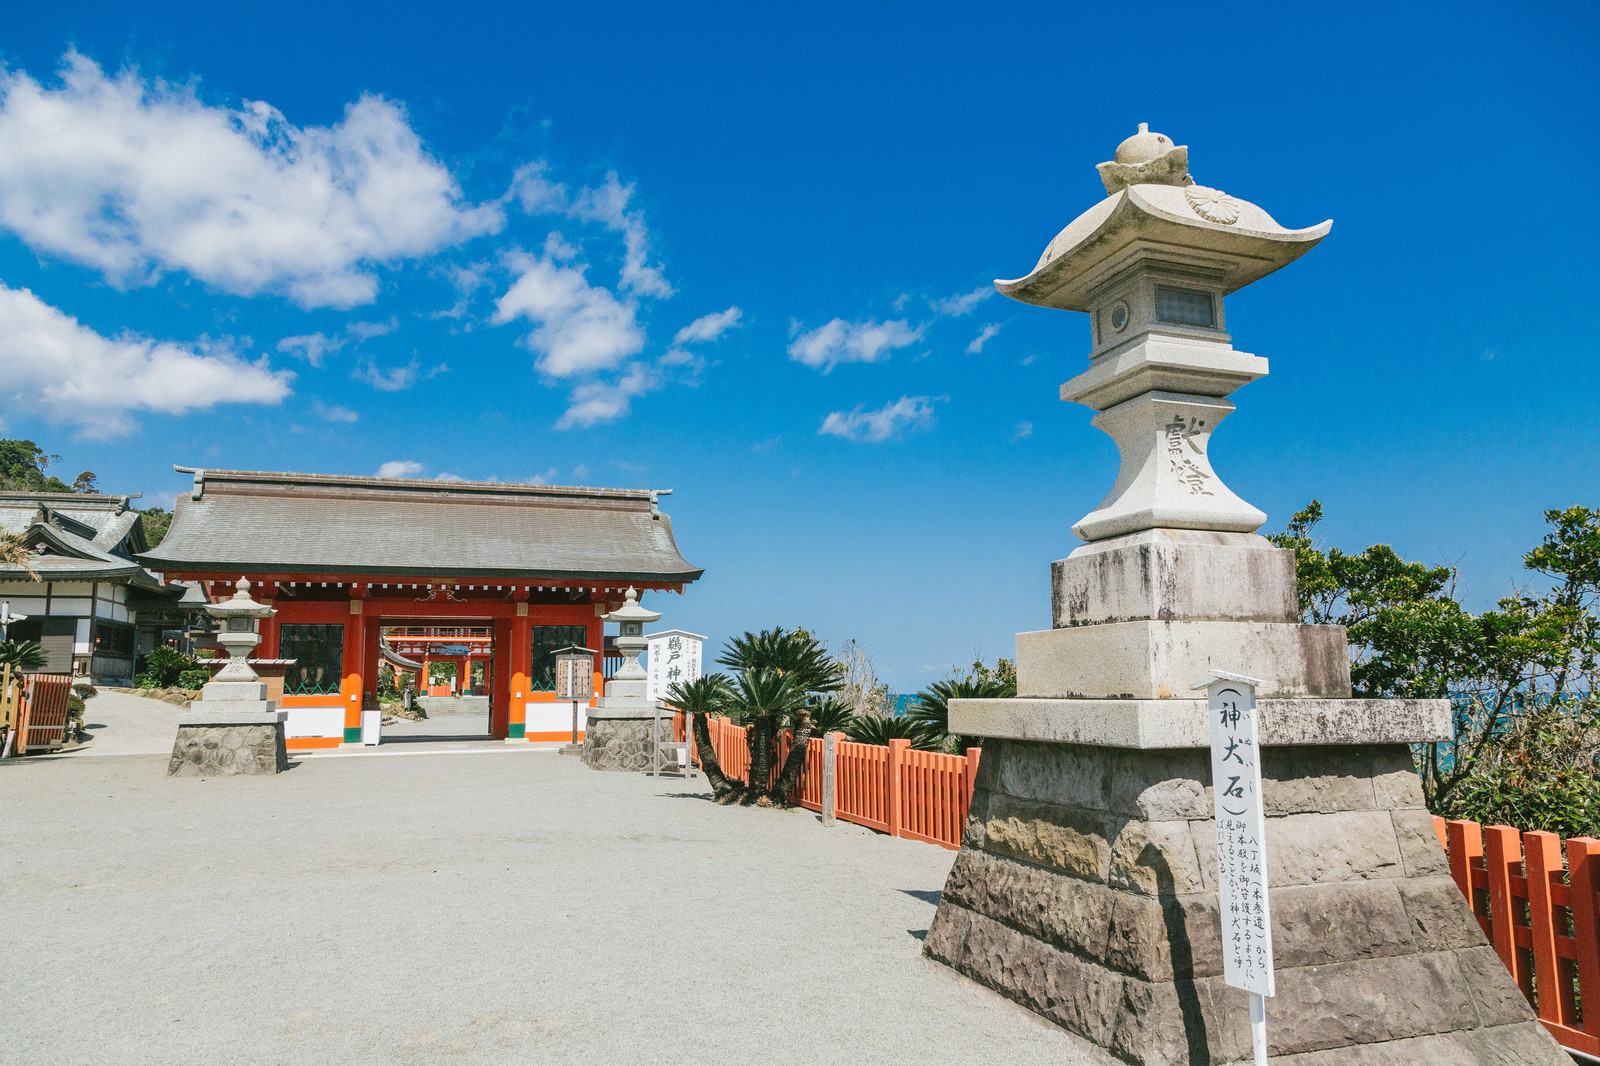 「灯篭(神犬石)佇む鵜戸神宮 | 写真の無料素材・フリー素材 - ぱくたそ」の写真